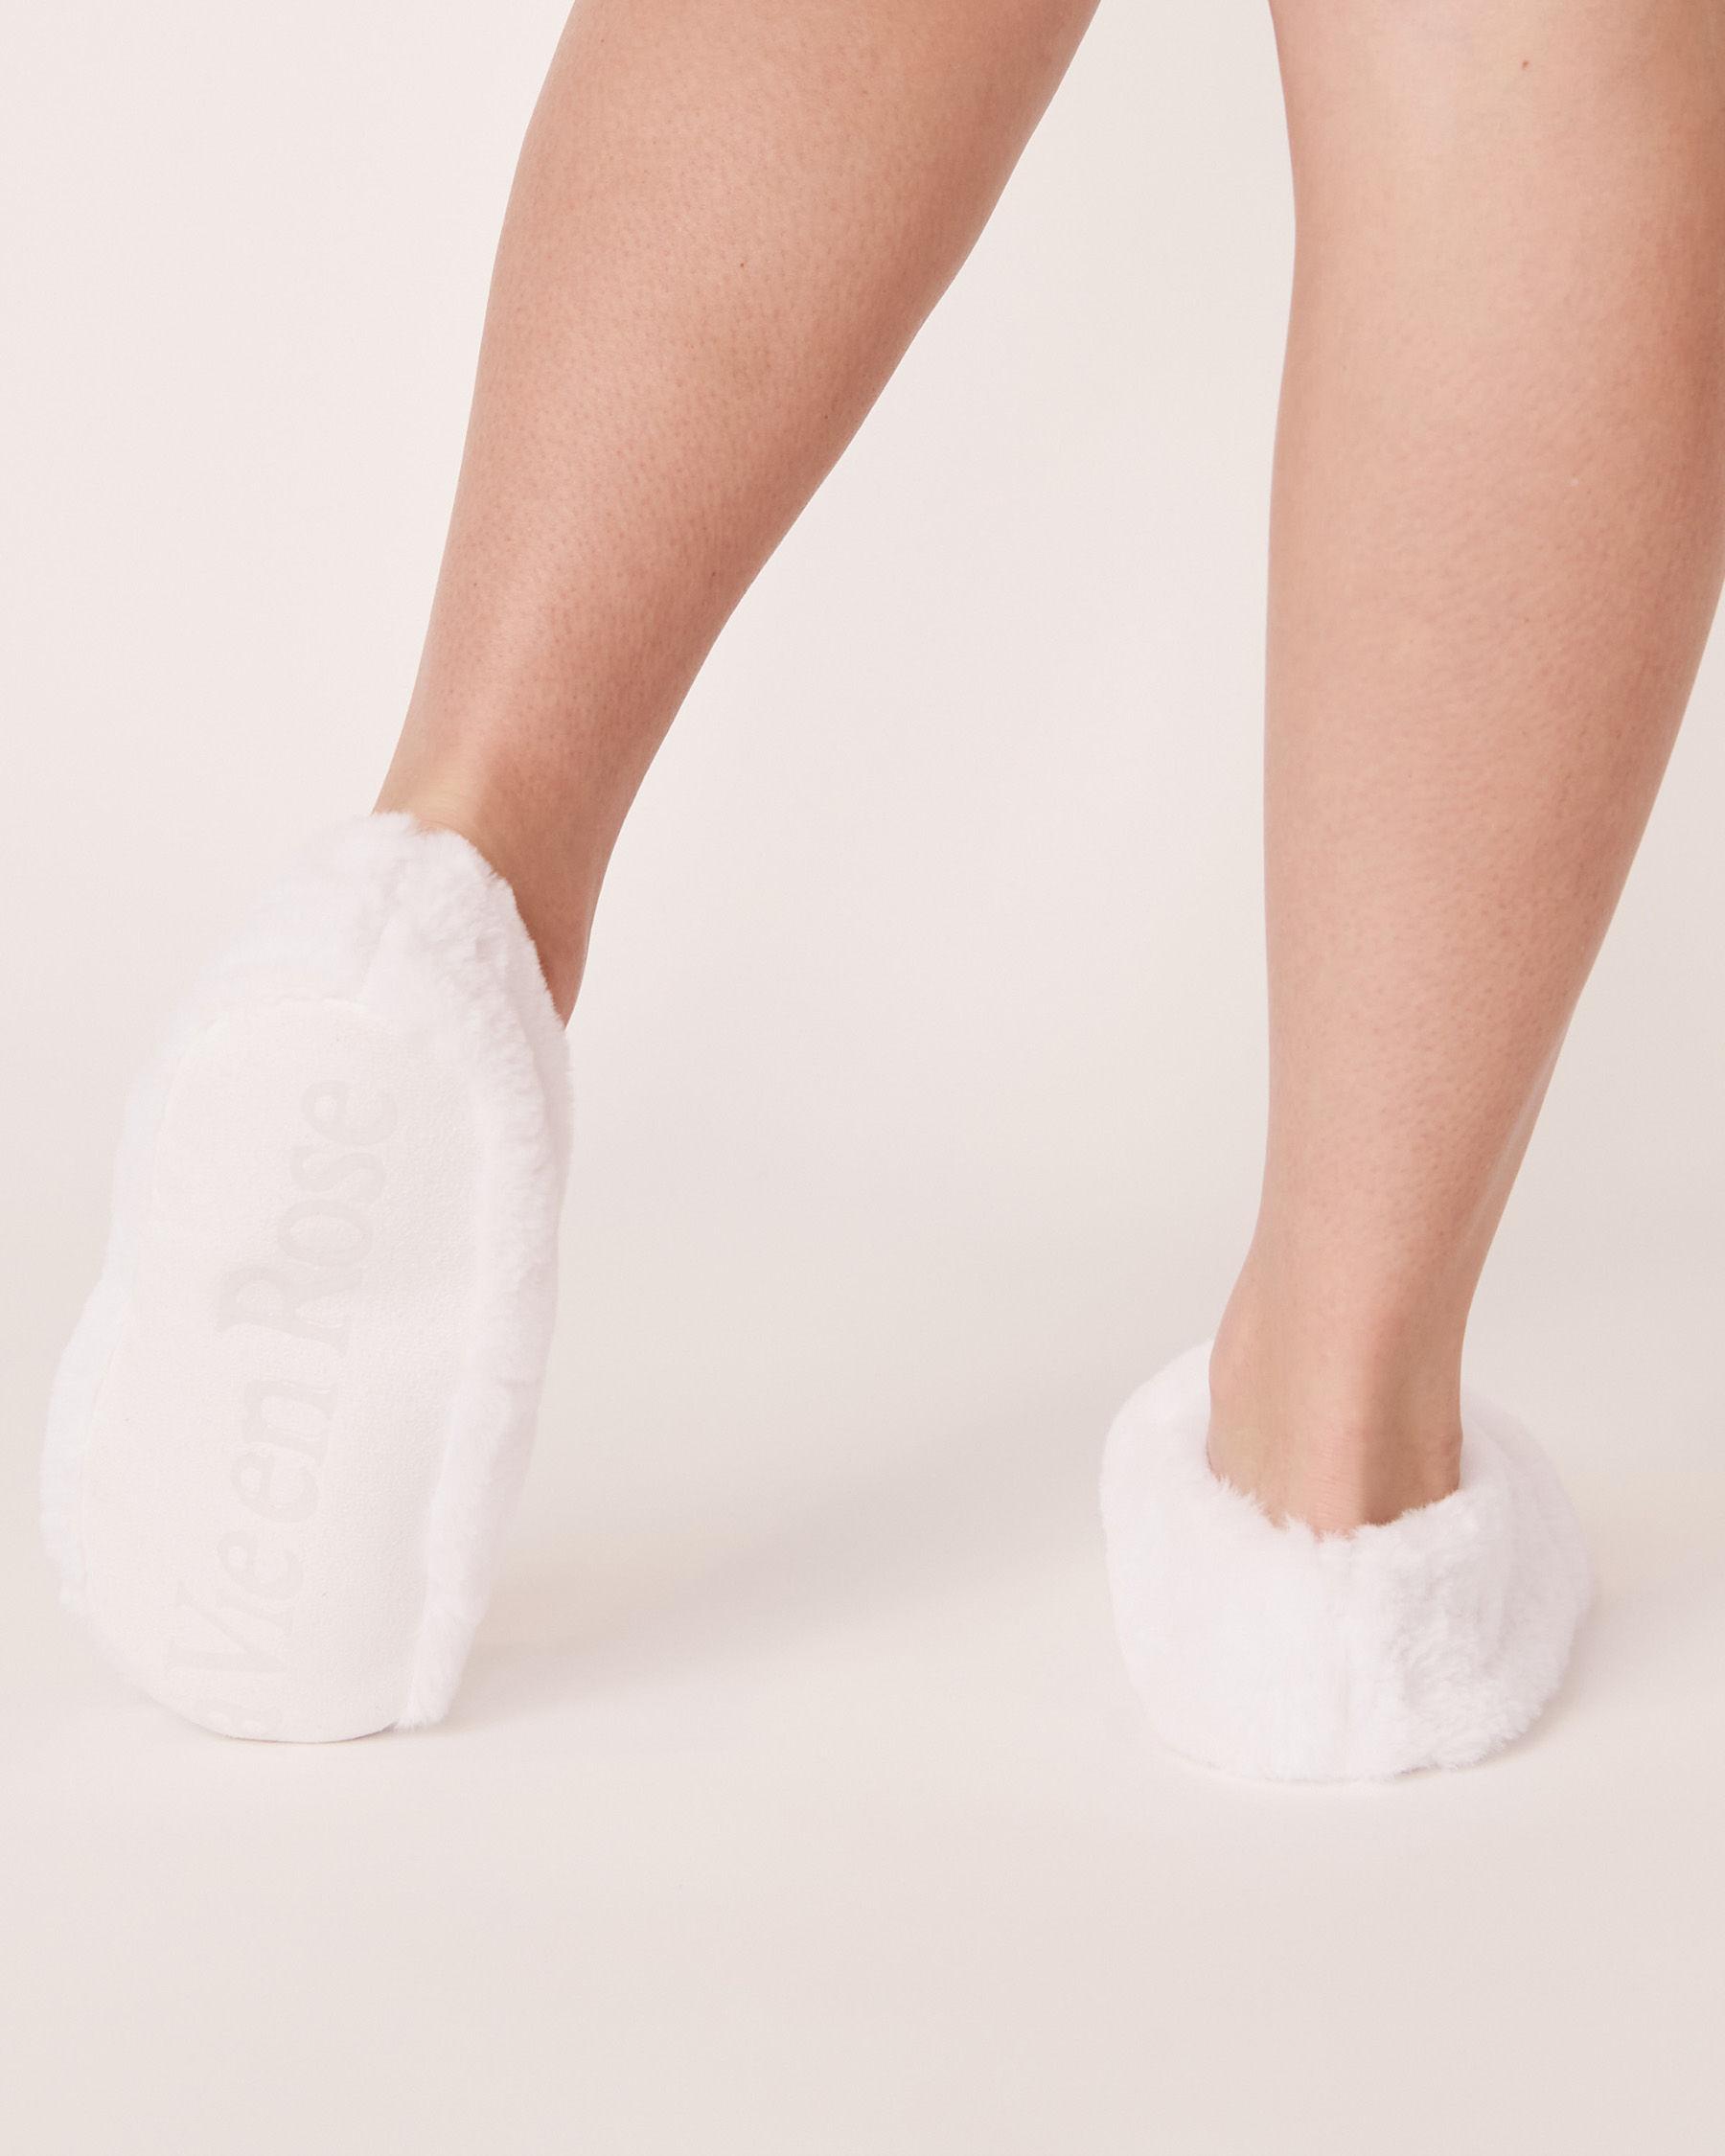 LA VIE EN ROSE Faux Fur Heatable Slippers White 40700046 - View2